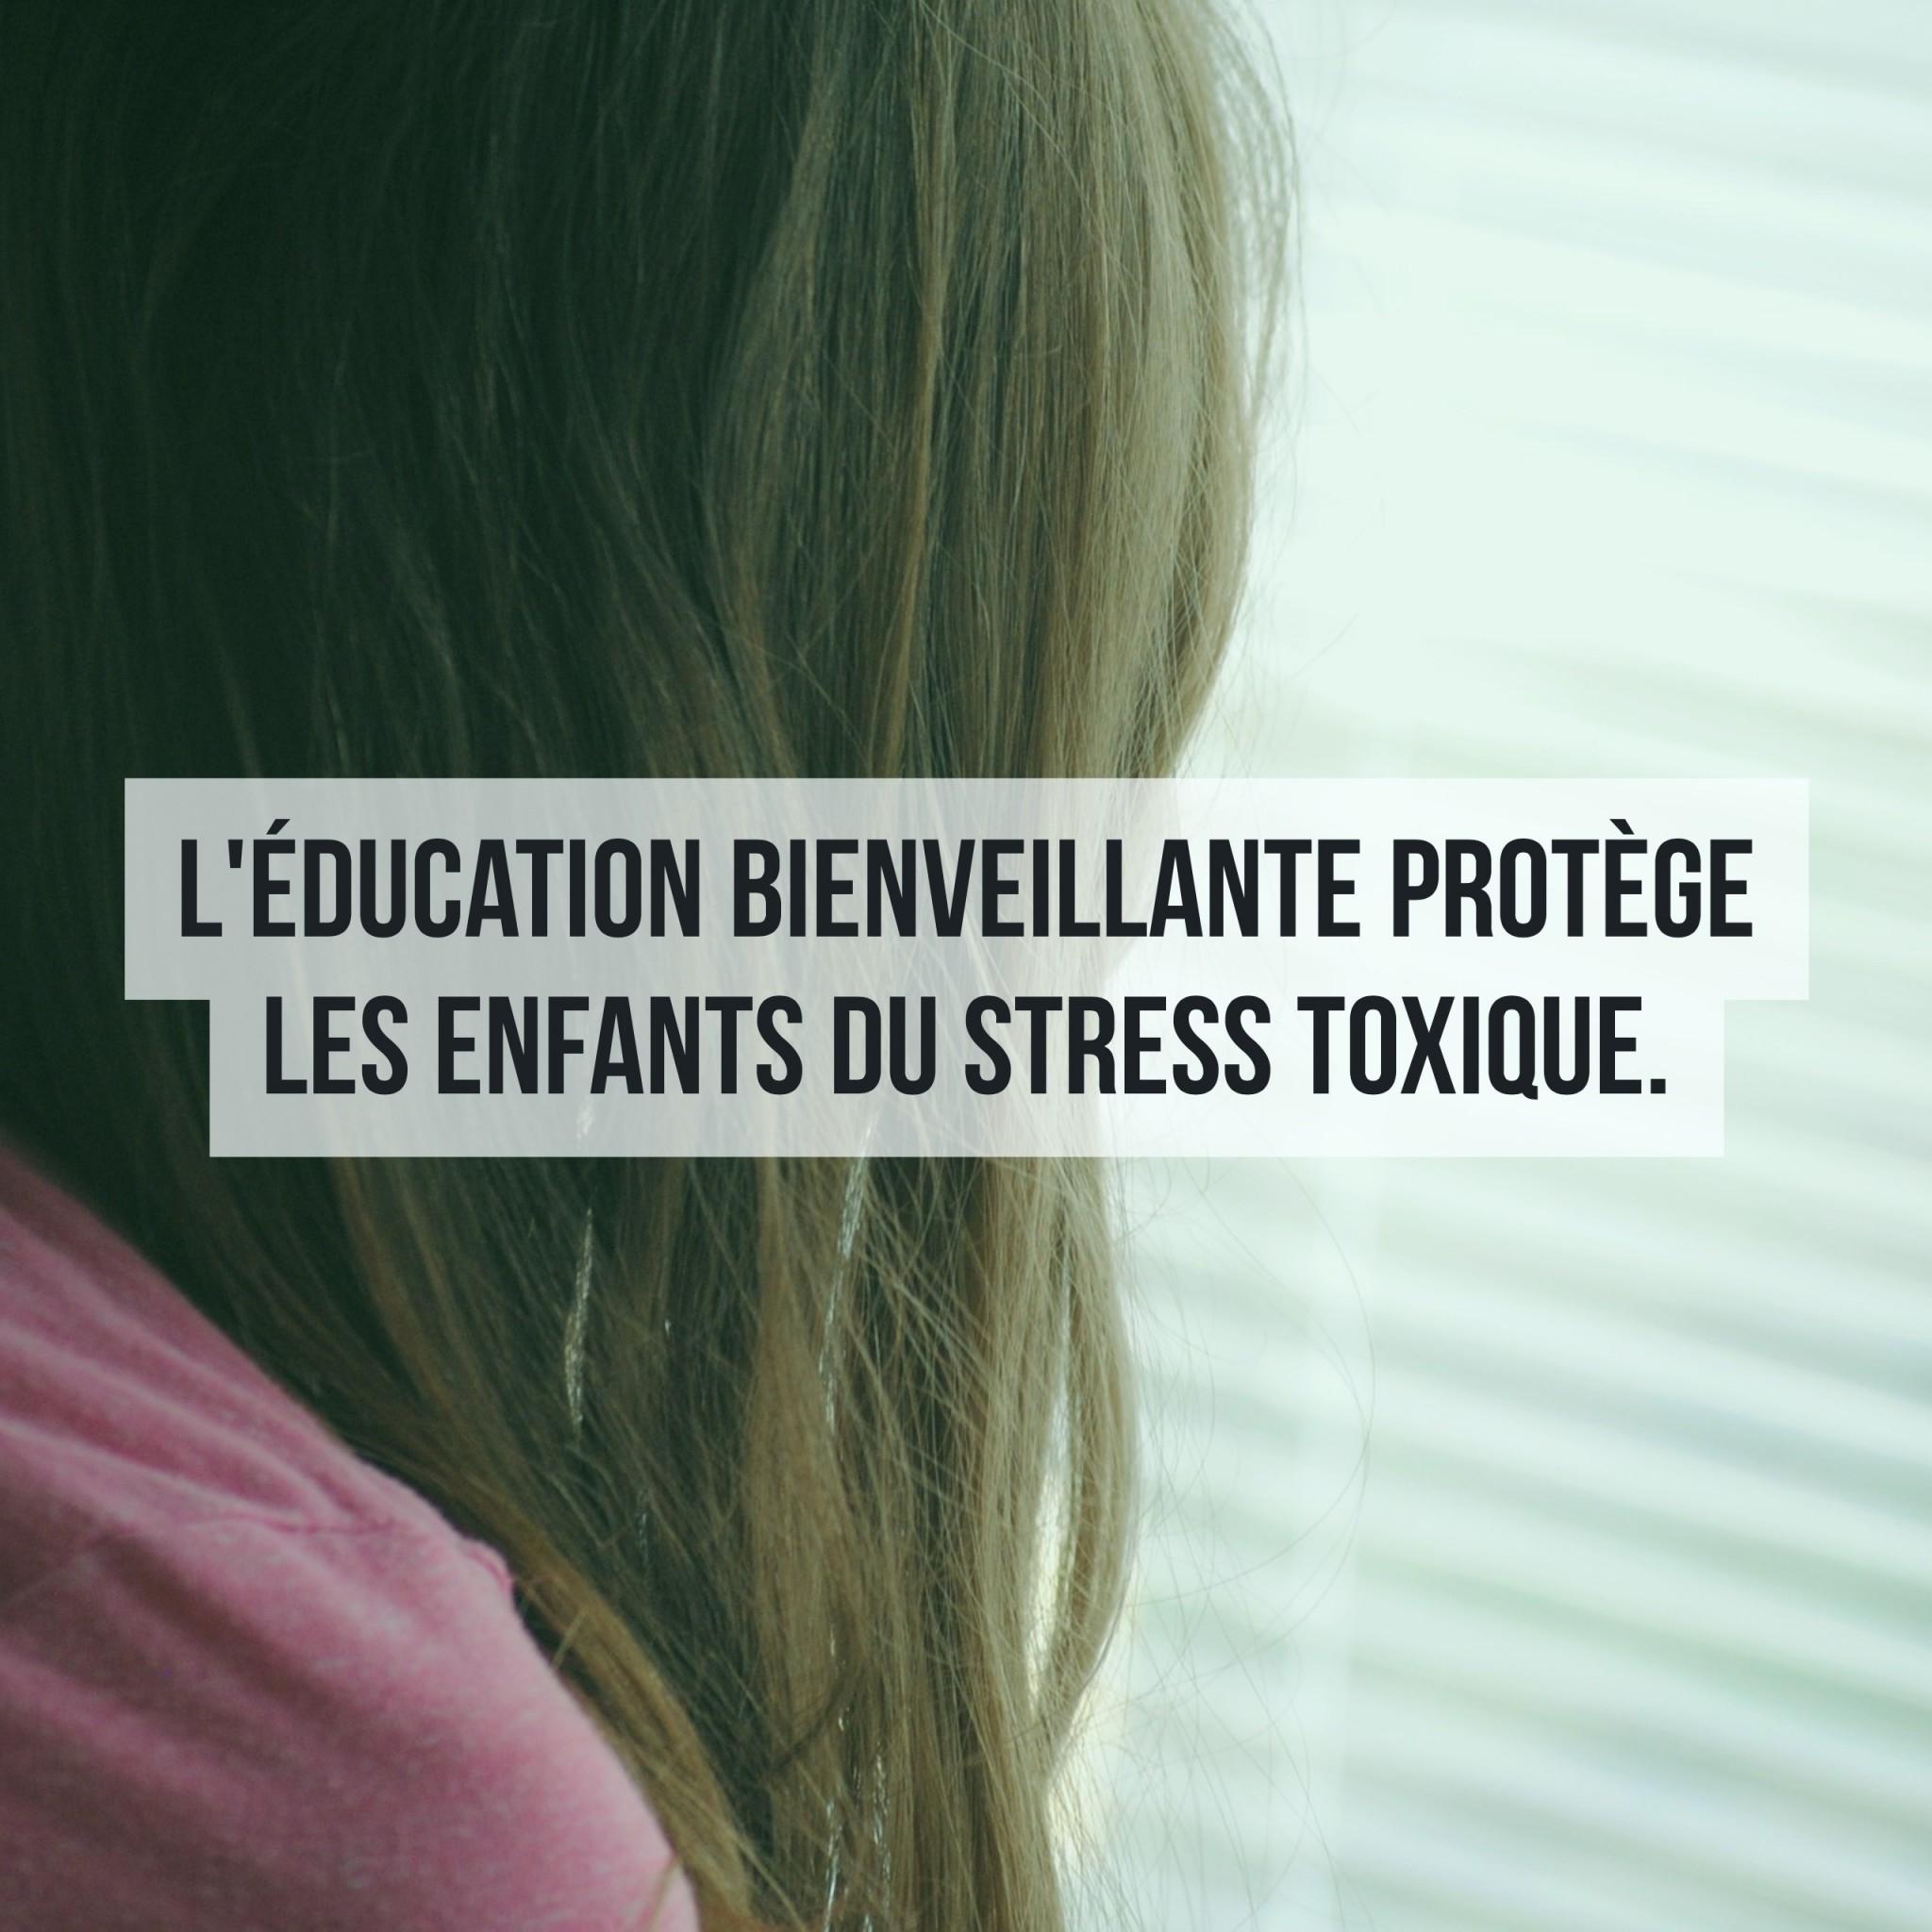 leducation-bienveillante-protege-les-enfants-du-stress-toxique